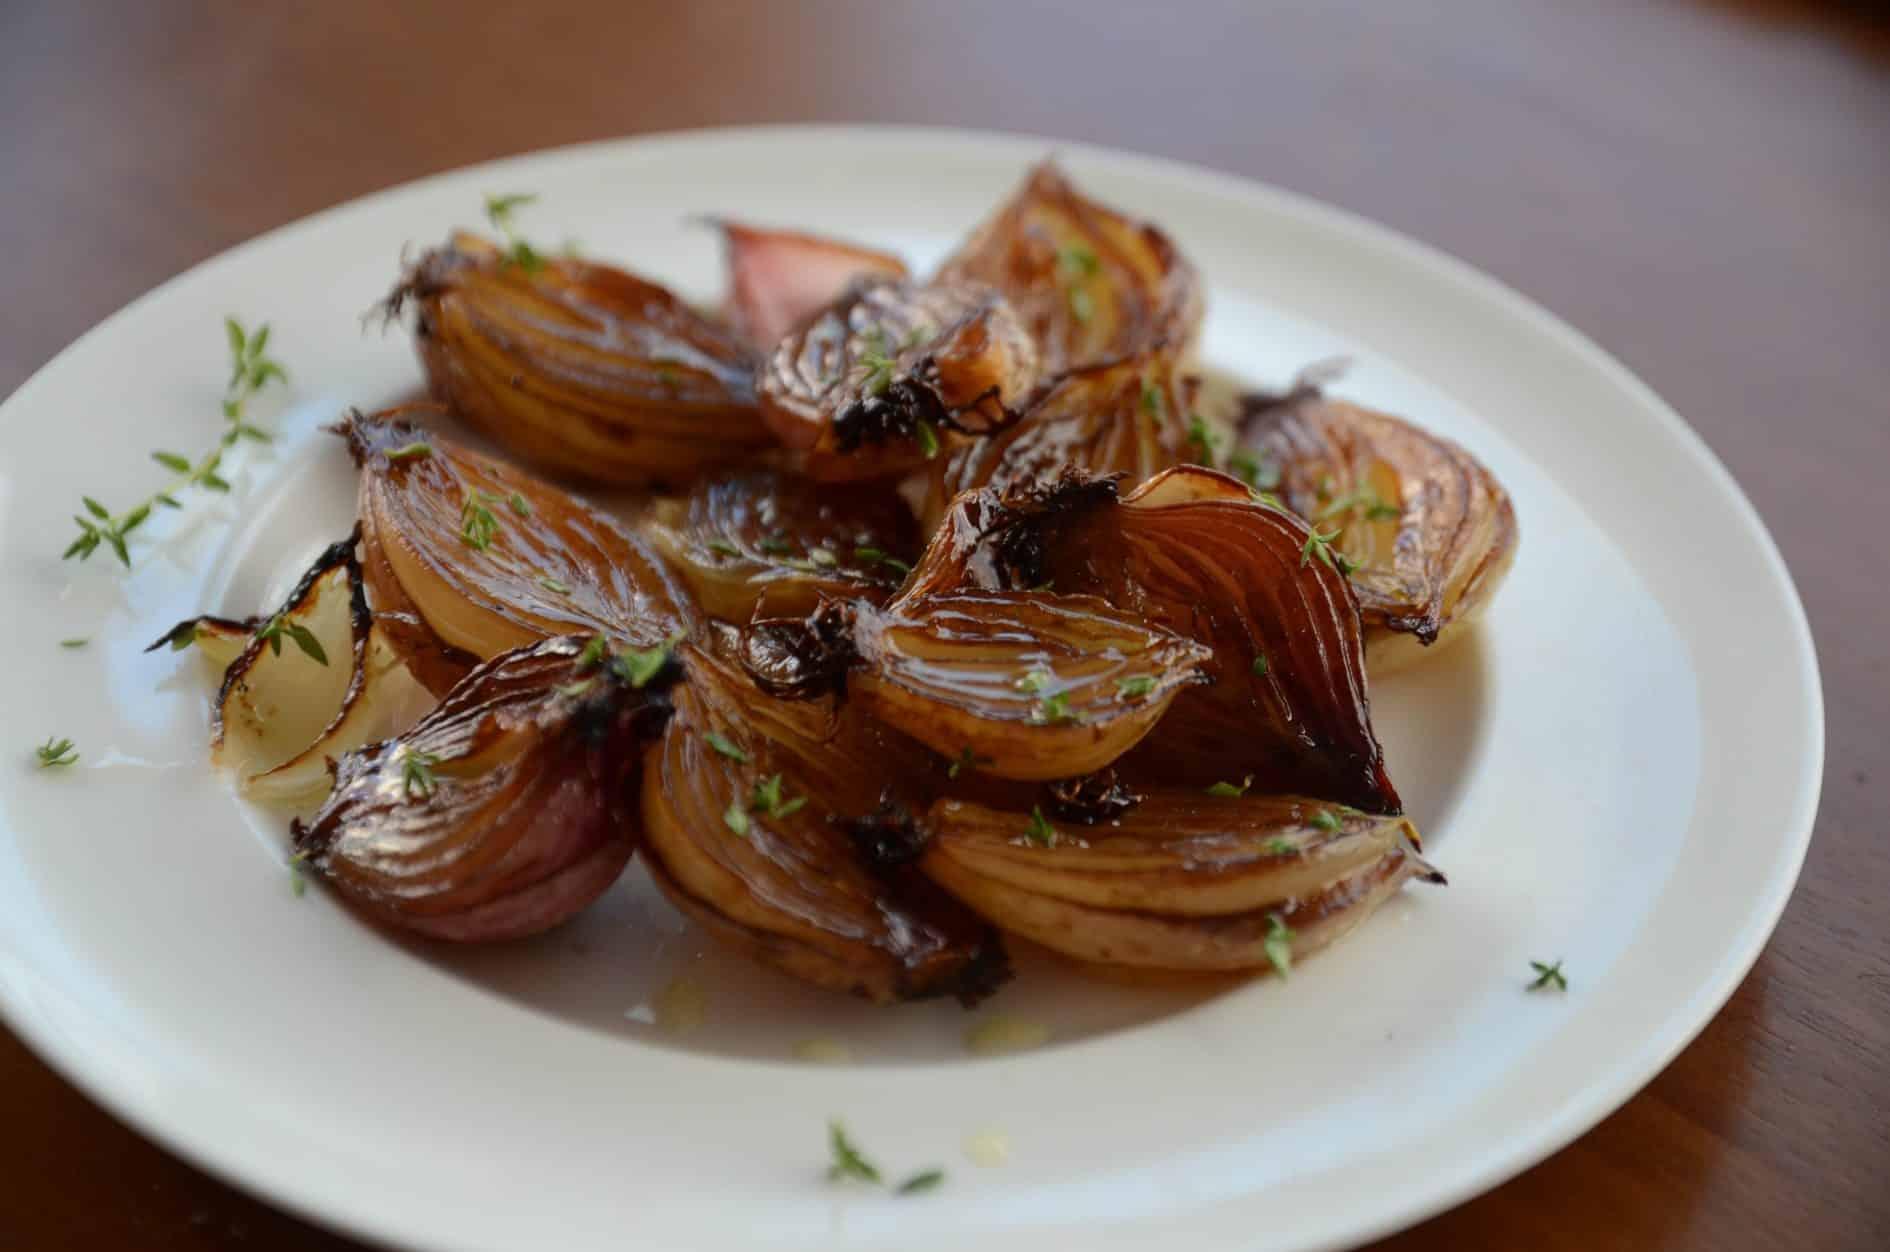 Cebolas caramelizadas com balsâmico